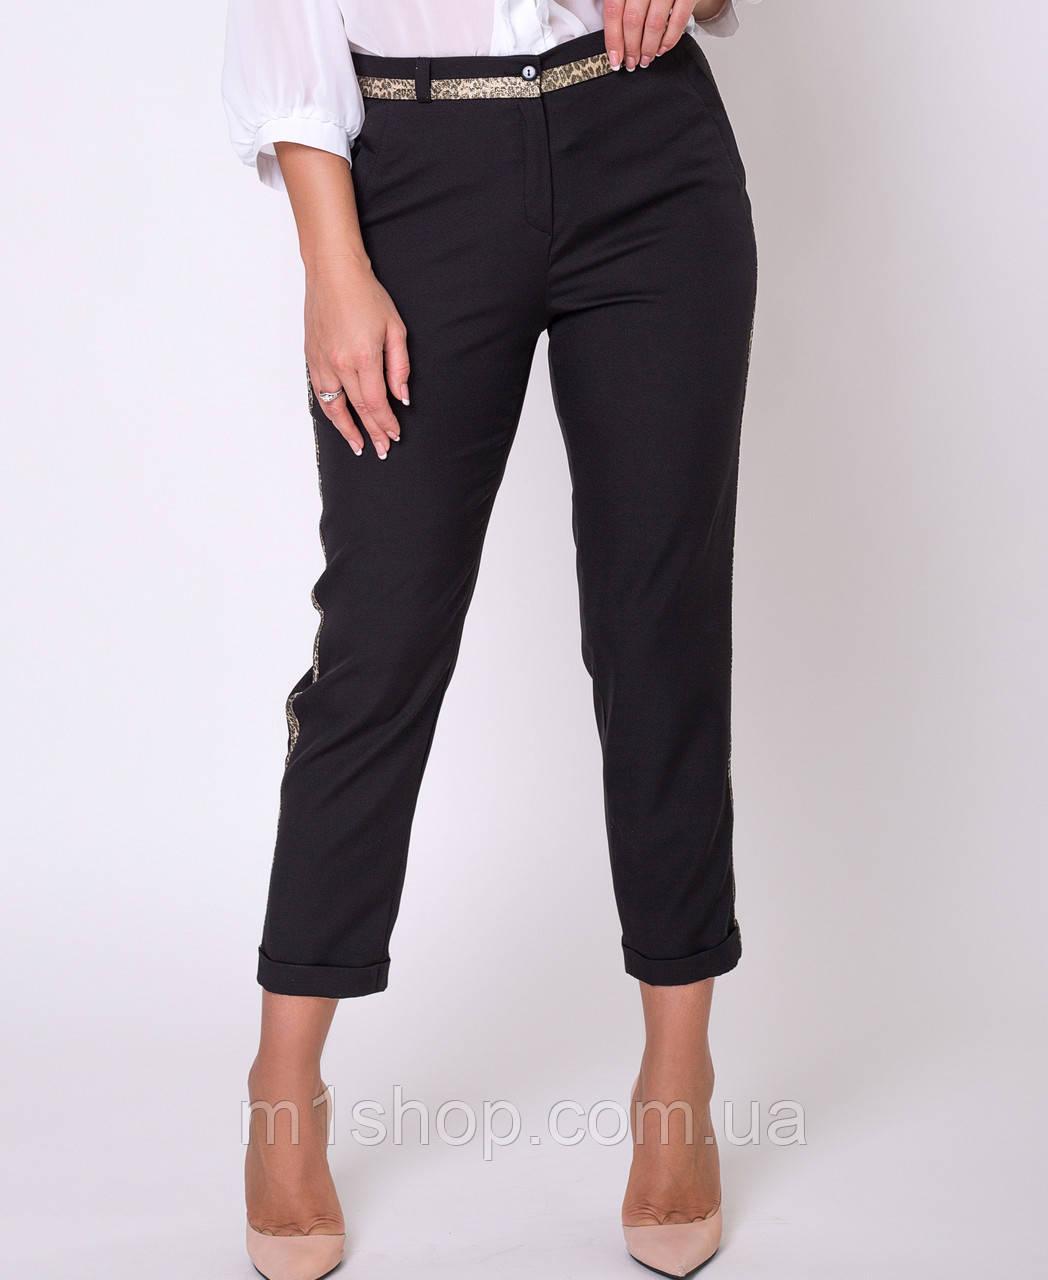 Женские брюки с золотыми лампасами больших размеров (Сонет lzn)